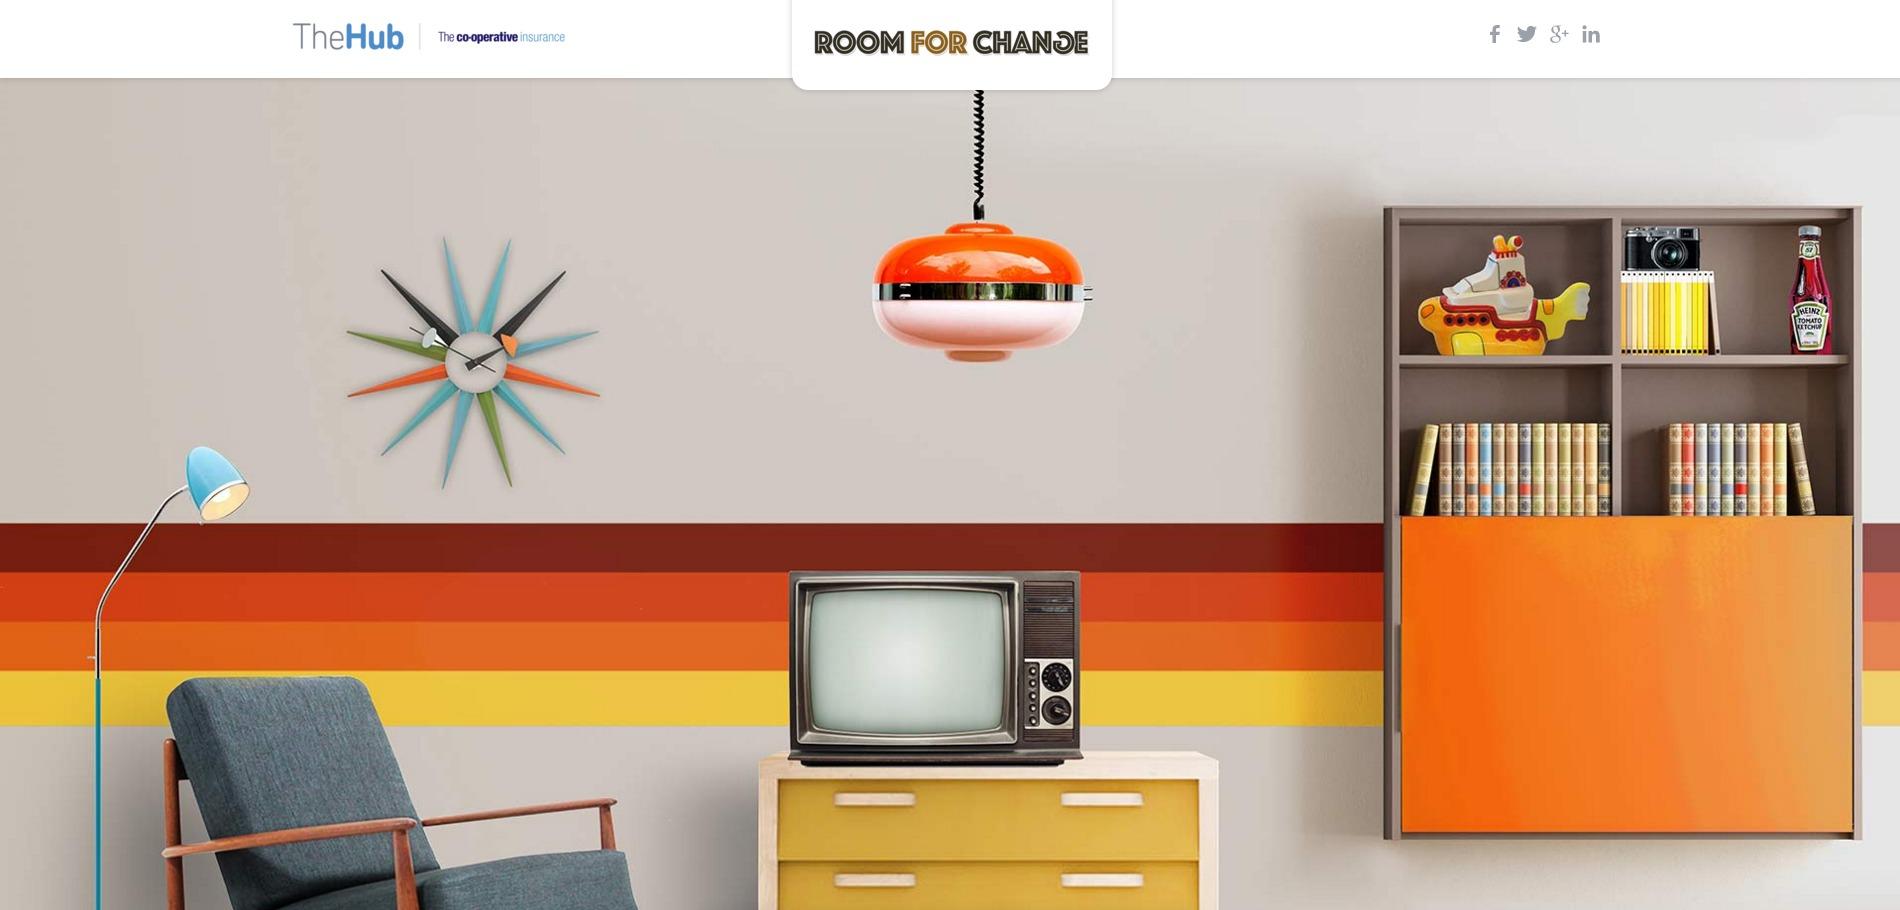 Interior design style quiz free for Interior room design online free